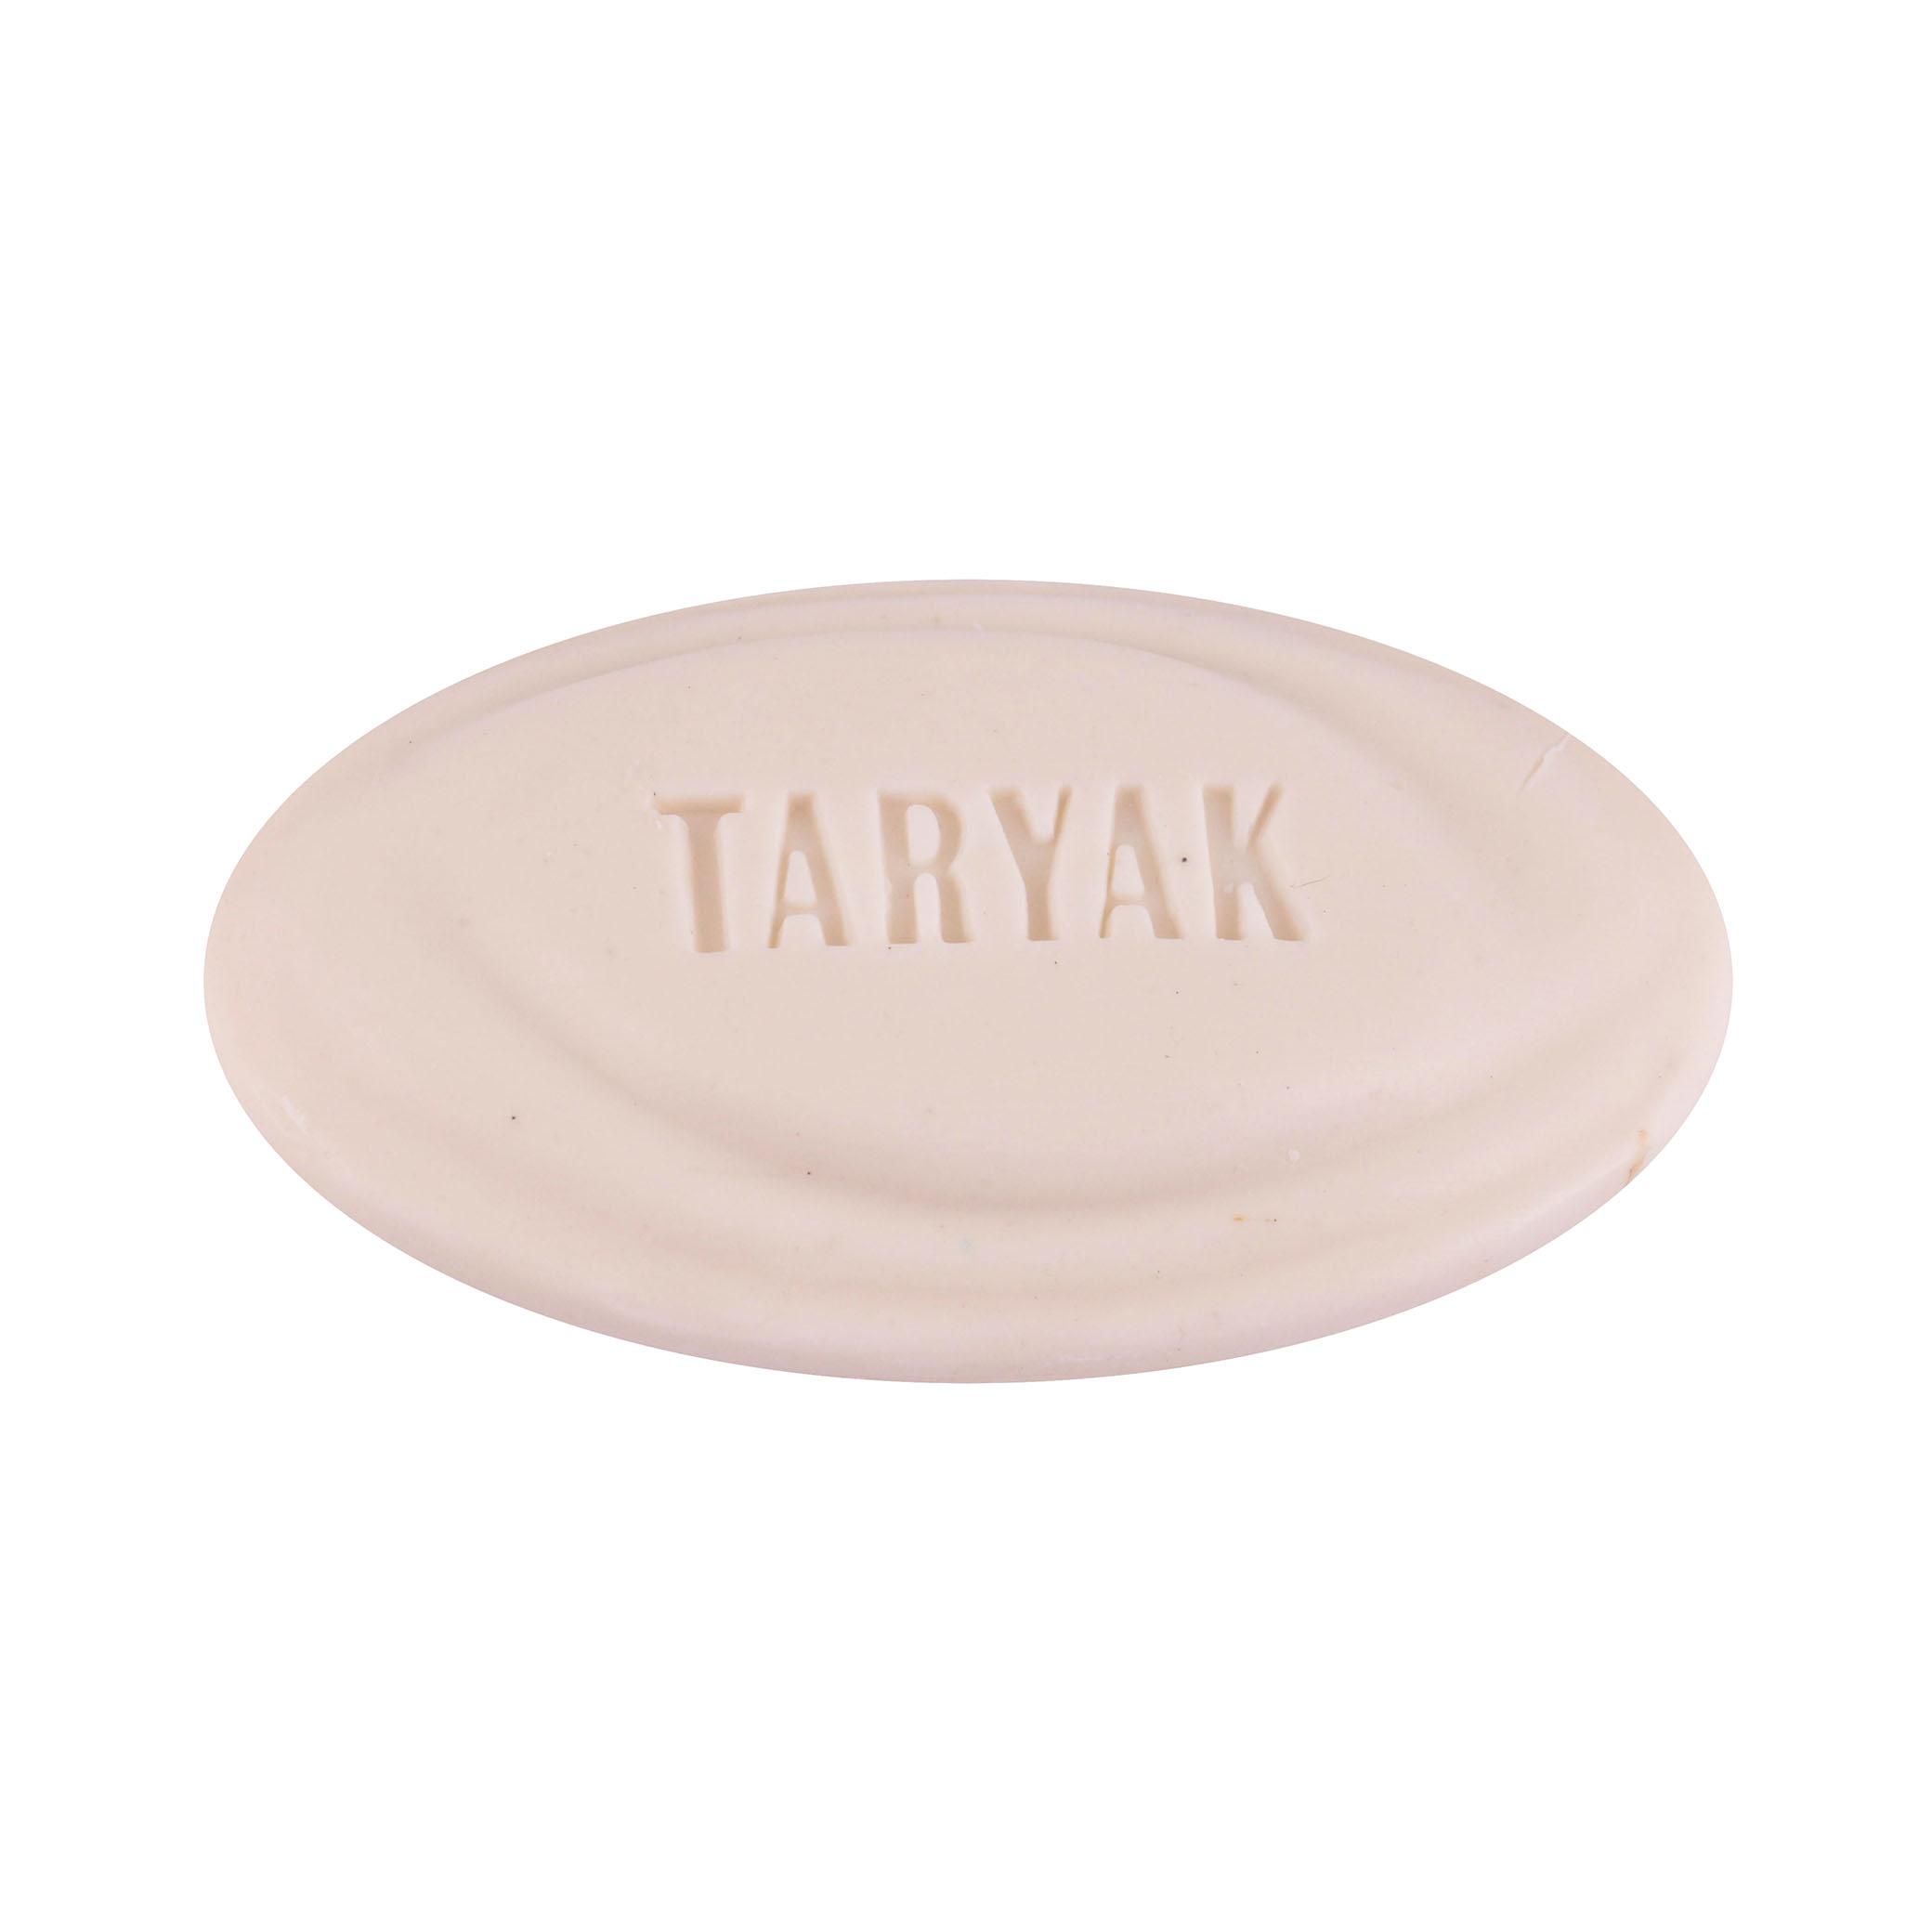 صابون سفید کننده و روشن کننده تریاک کد 01 وزن 90 گرم